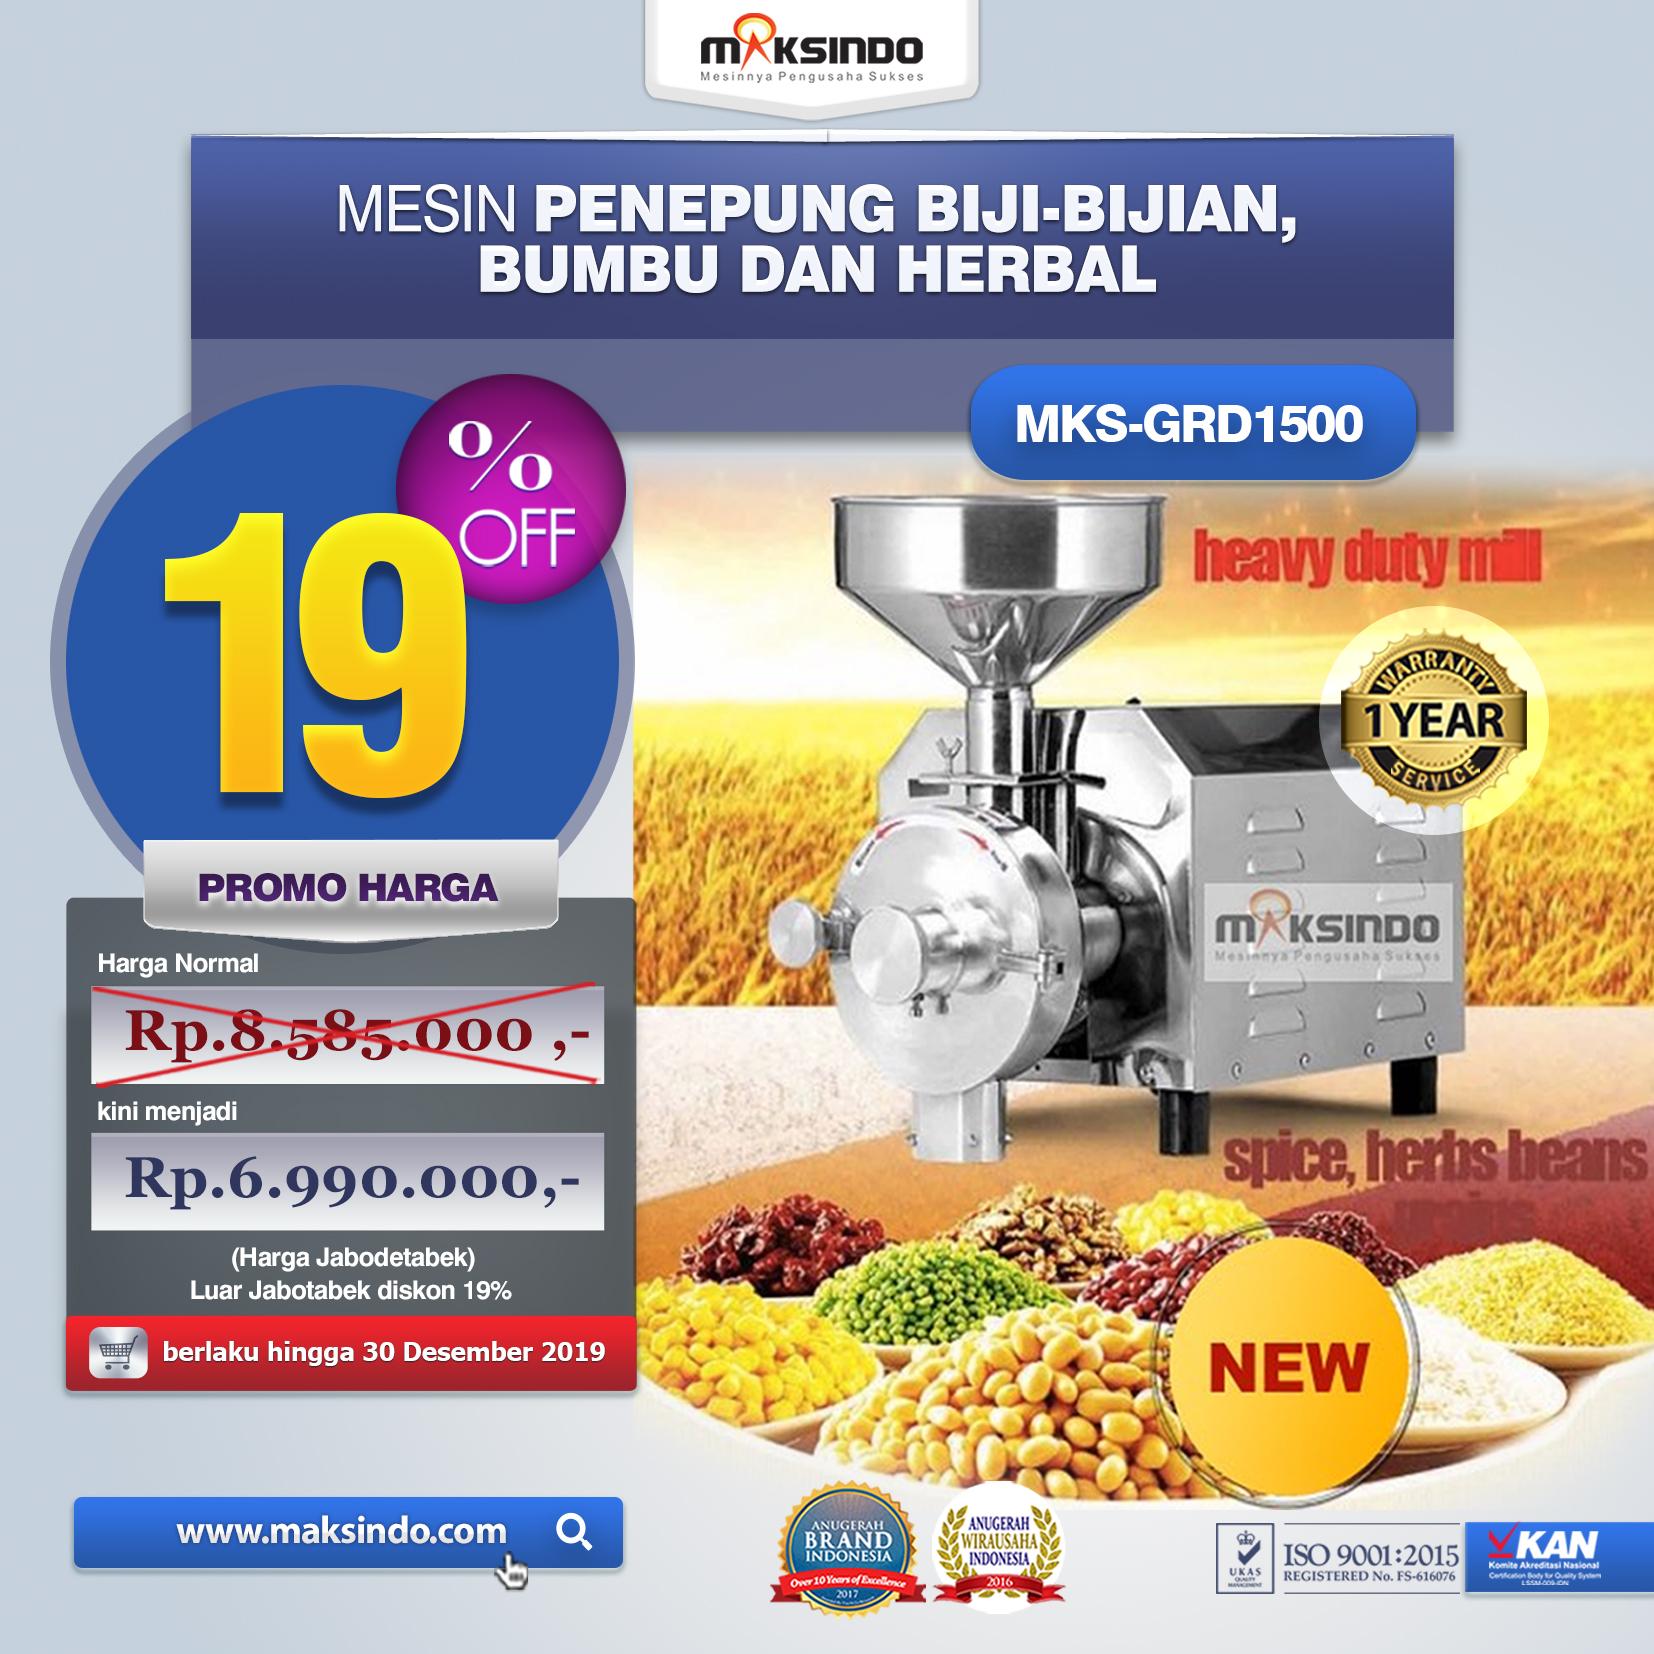 Jual Mesin Penepung Biji-Bijian, Bumbu dan Herbal (GRAIN GRINDER) di Bali